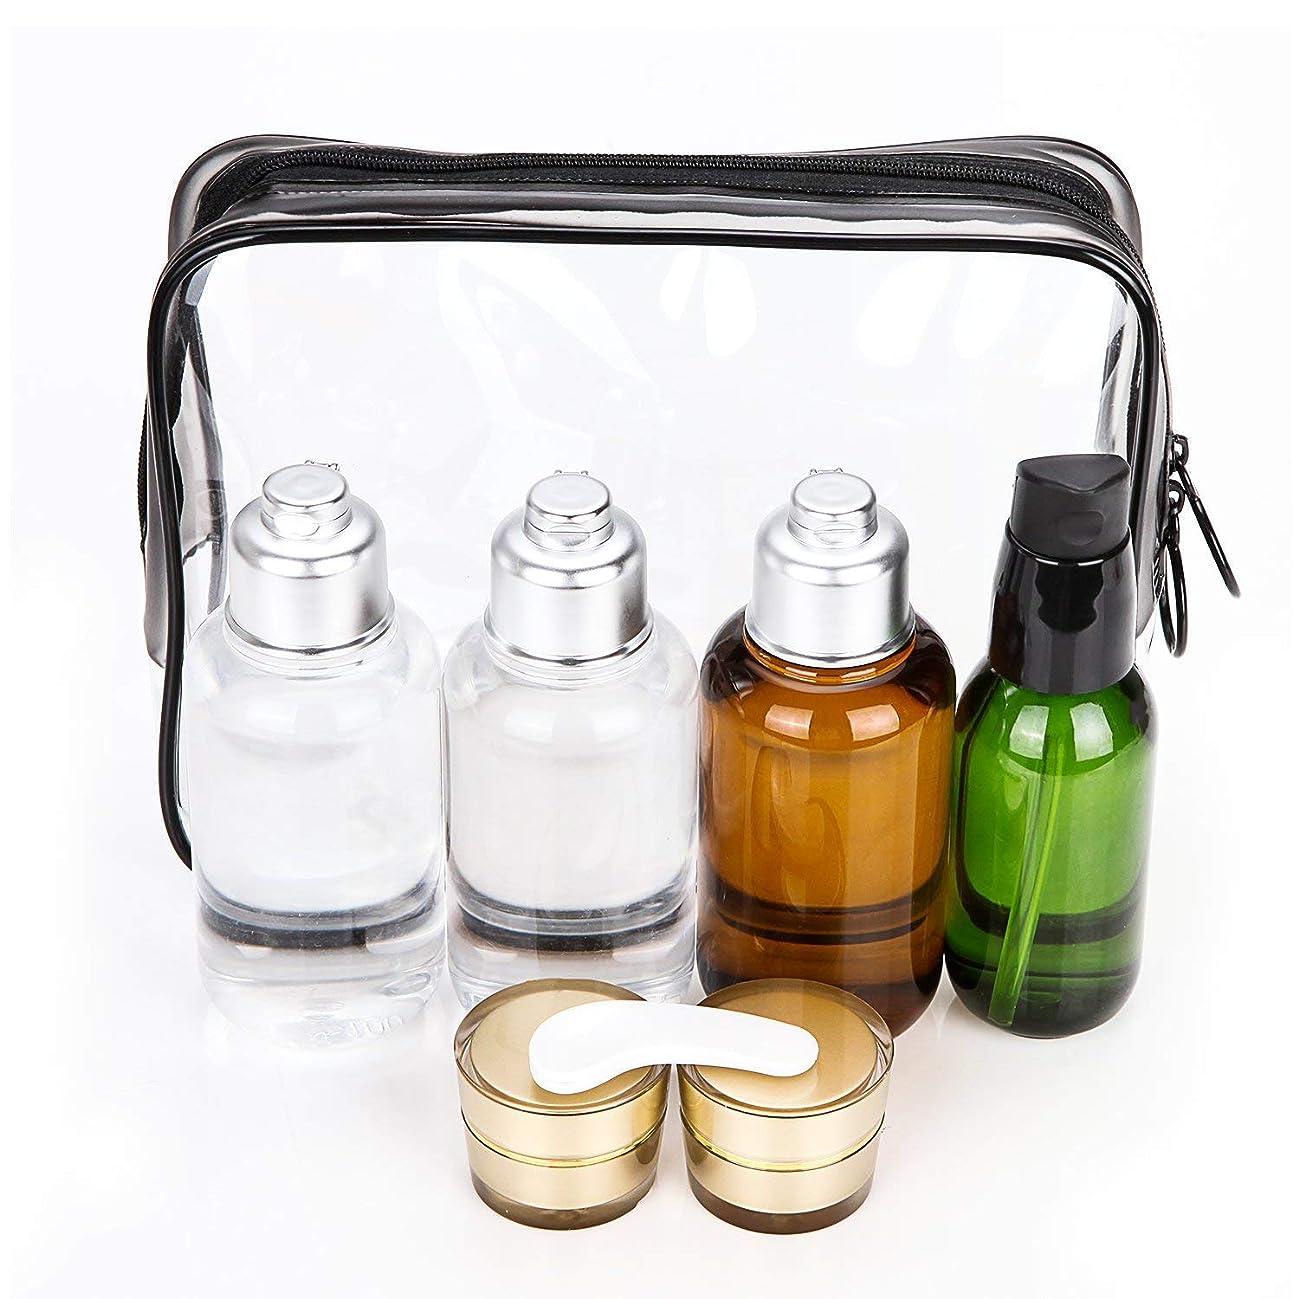 法医学無駄なマティスBijou Cat トラベル用ボトル 詰替ボトル 小分けボトル 旅行携帯用容器